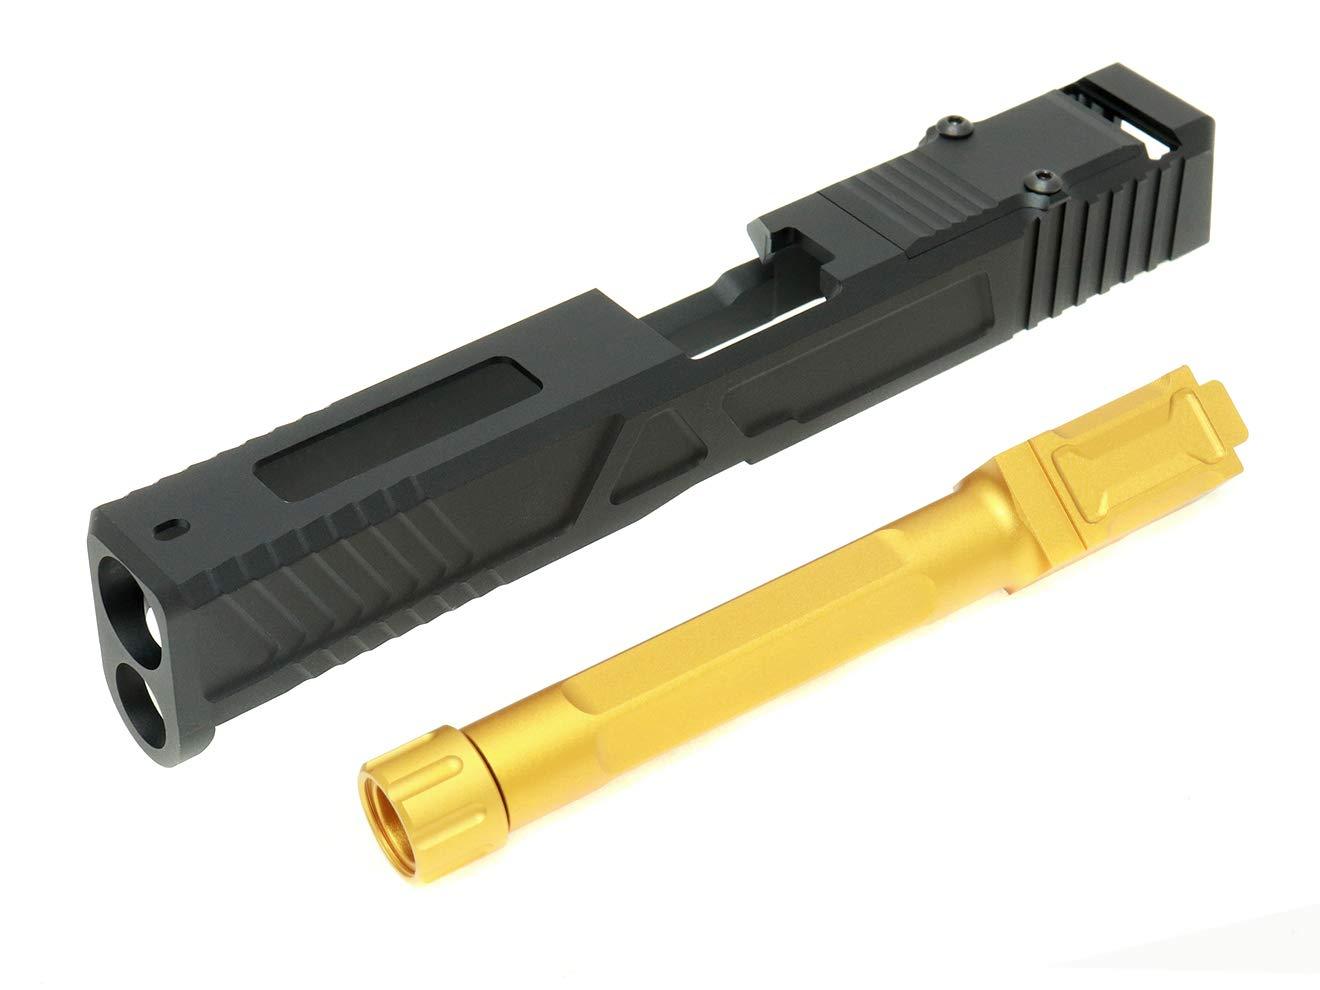 MITA アルミスライドCNC カスタムスライドキット RMR READY for VFC GBB G17 ブラック/ゴールド B07QM3W3Z8